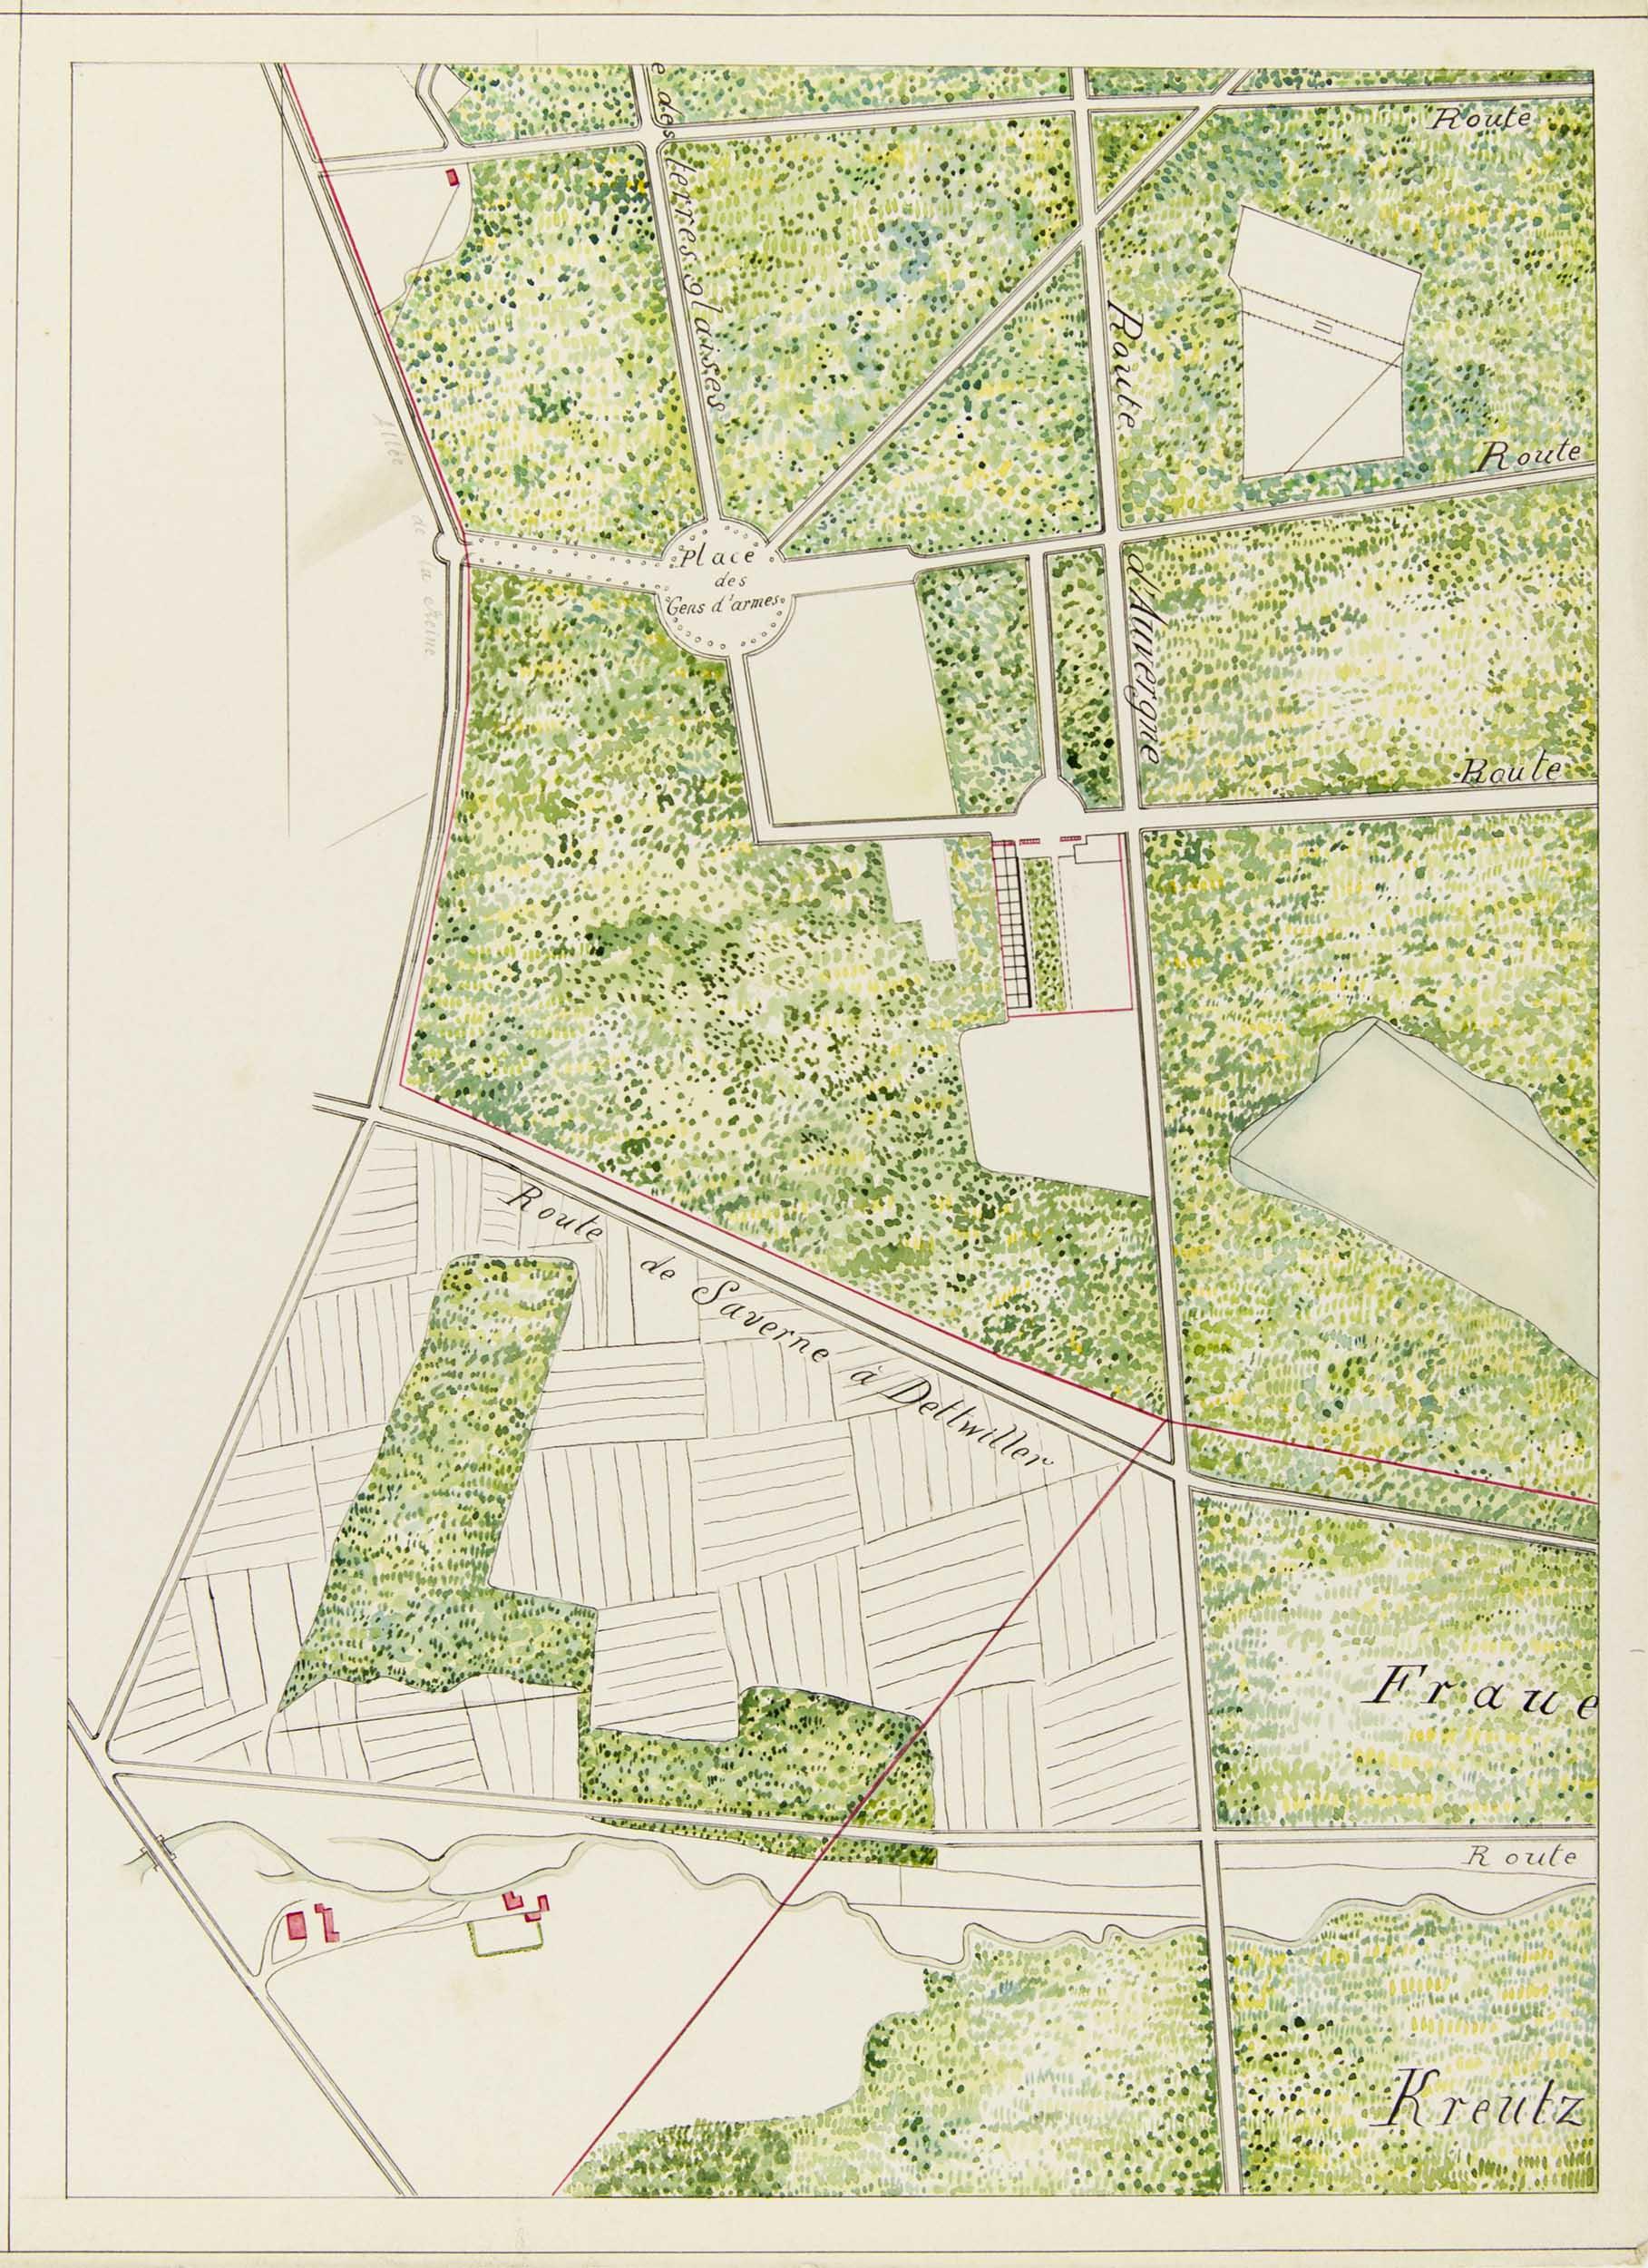 Numérisation de l'un des feuillets du plan de Saverne exécuté à la gouache et au crayon graphite en 1797 par le géomètre Casimir Kolb.